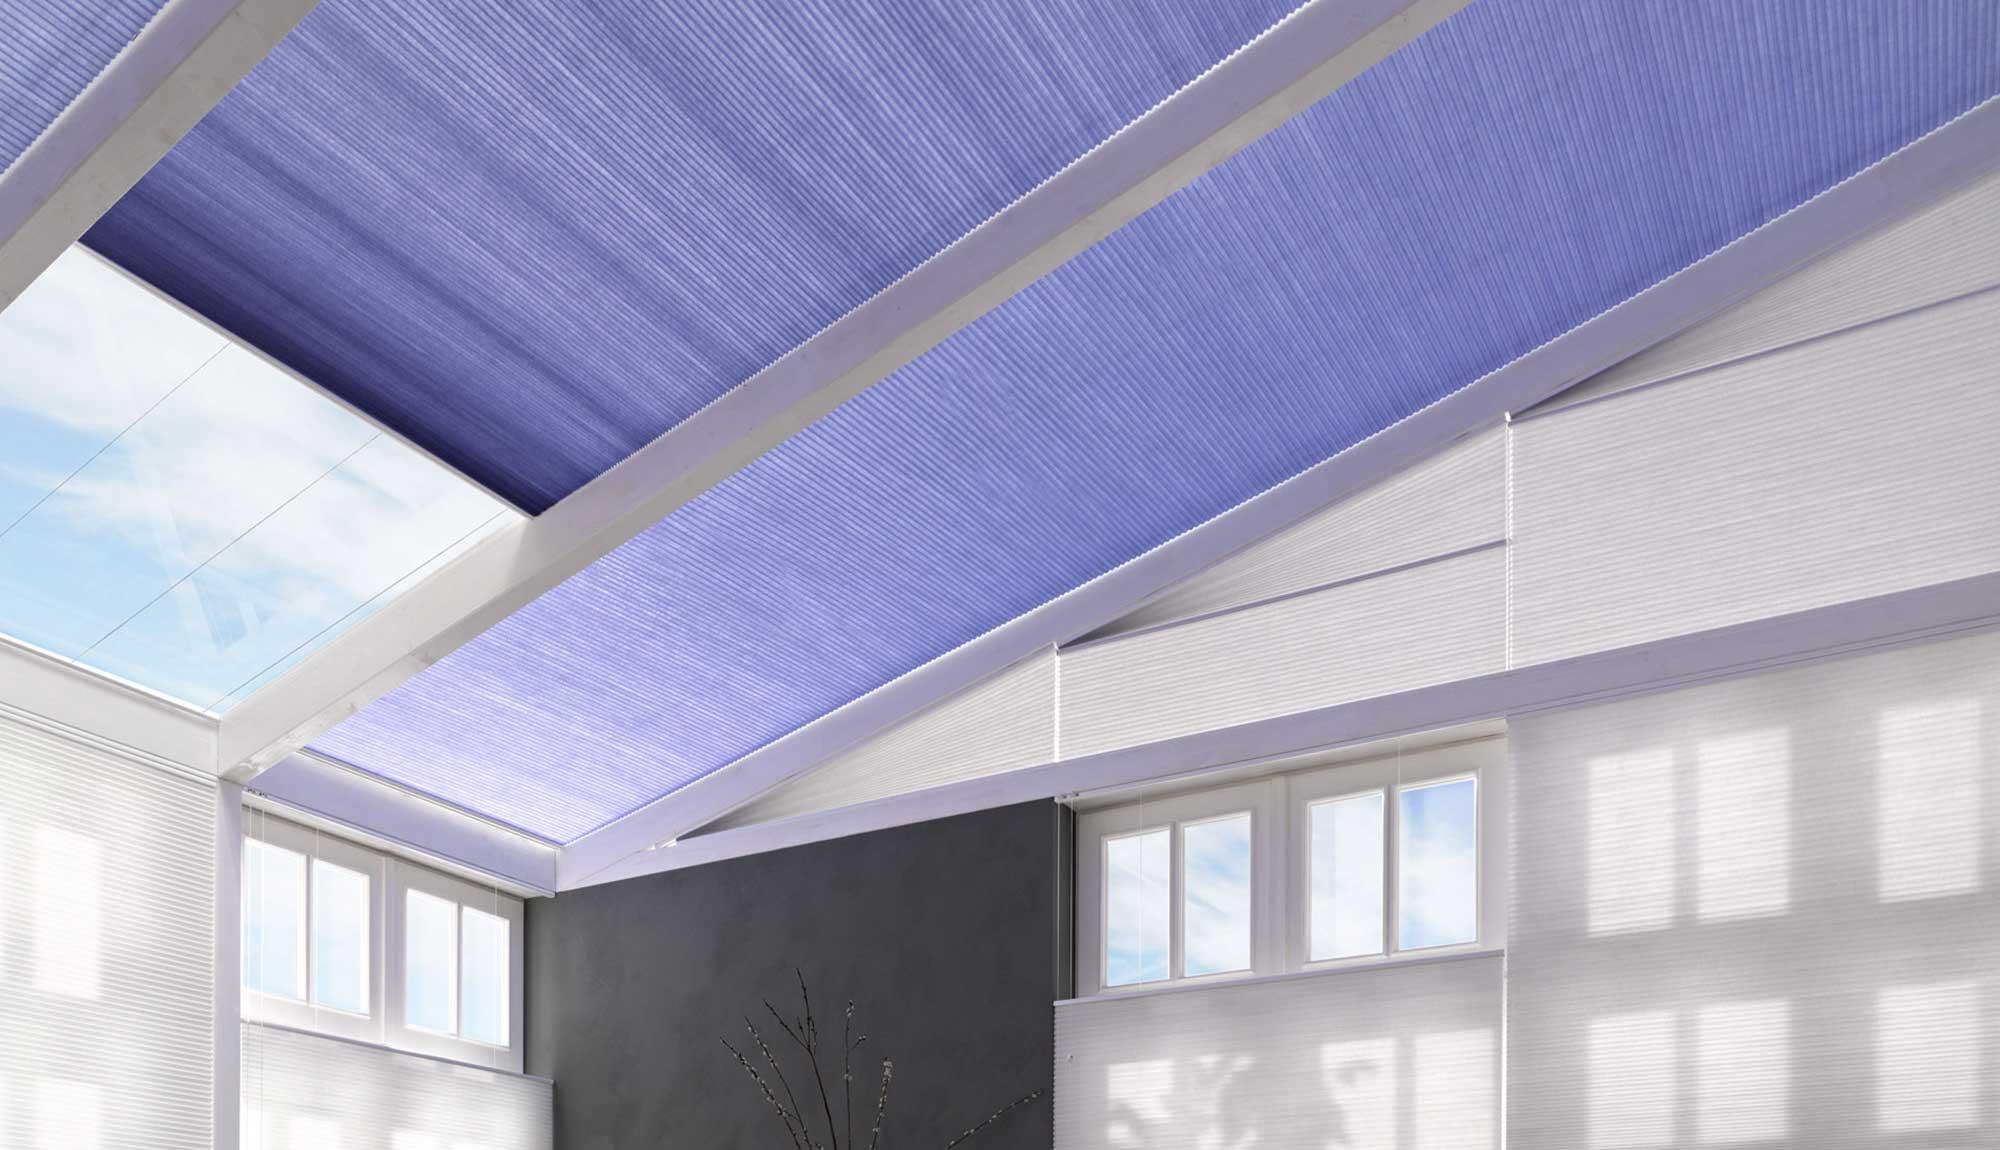 Plissee Plafond